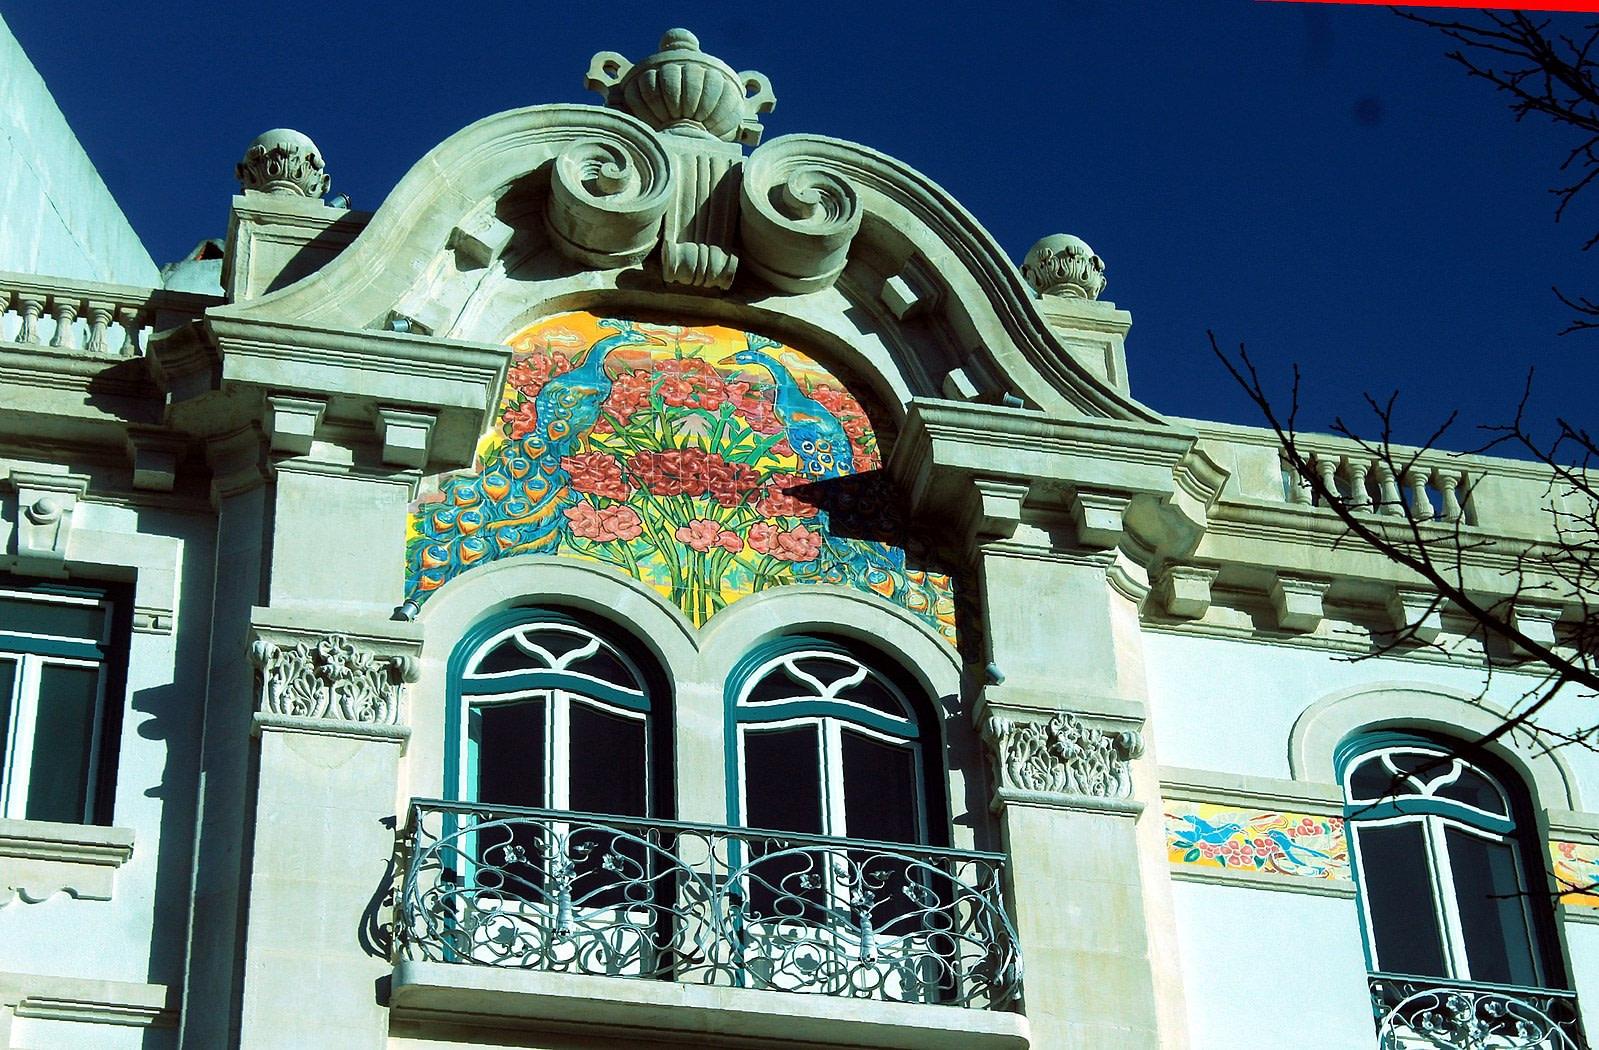 Frise azulejos Hotel 1908, typique art nouveau à Lisbonne